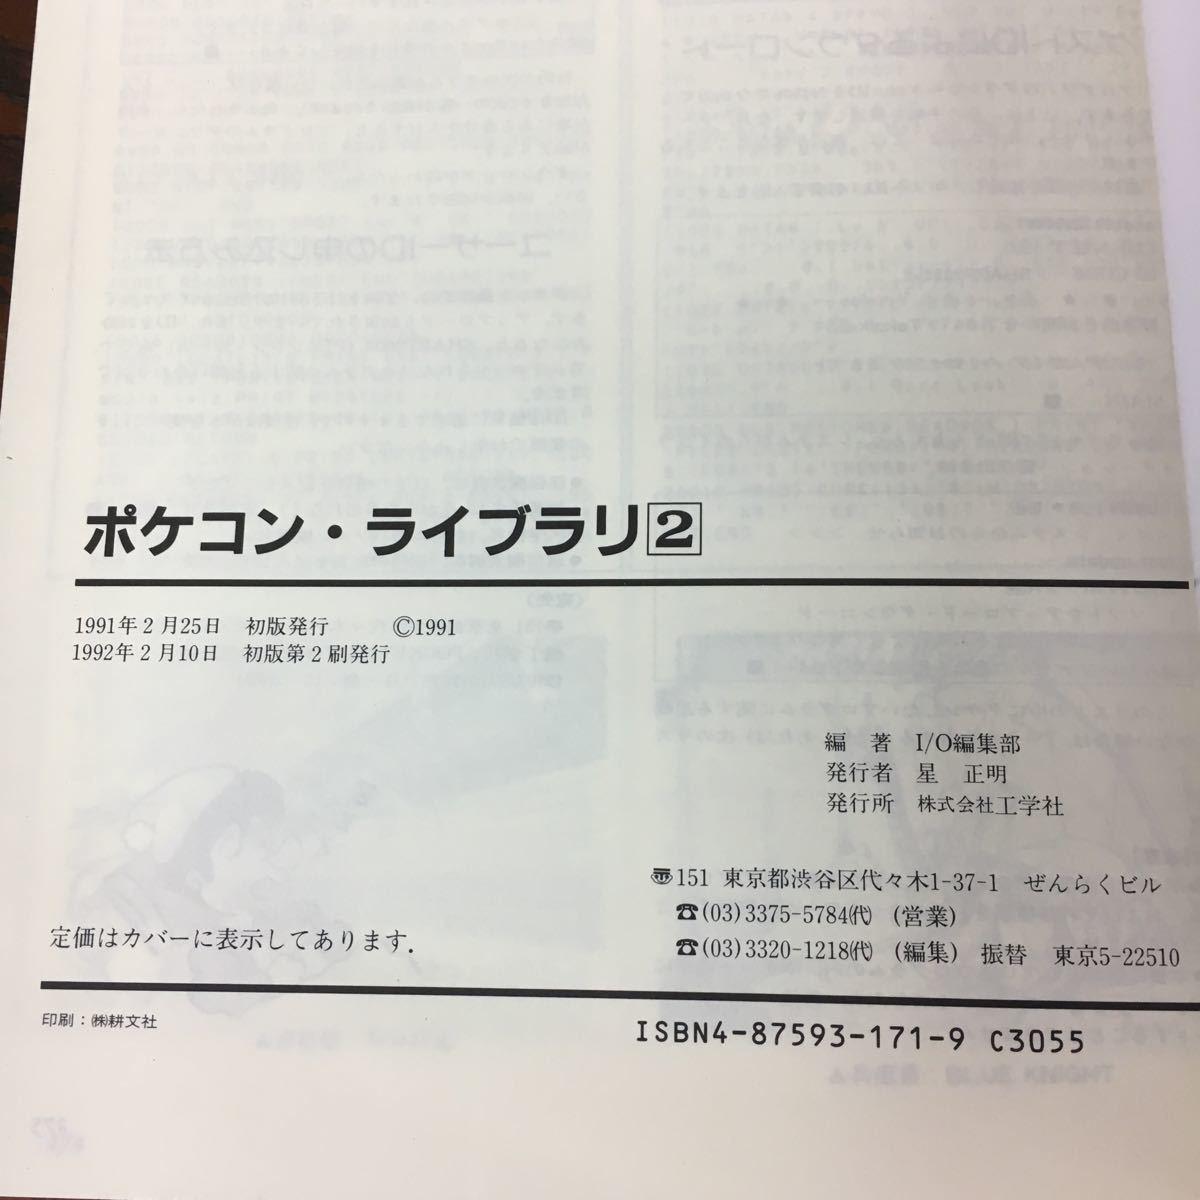 ポケットコンピュータ ポケコン・ライブラリ 2 工学社 i/o ブック 1992年 初版_画像5